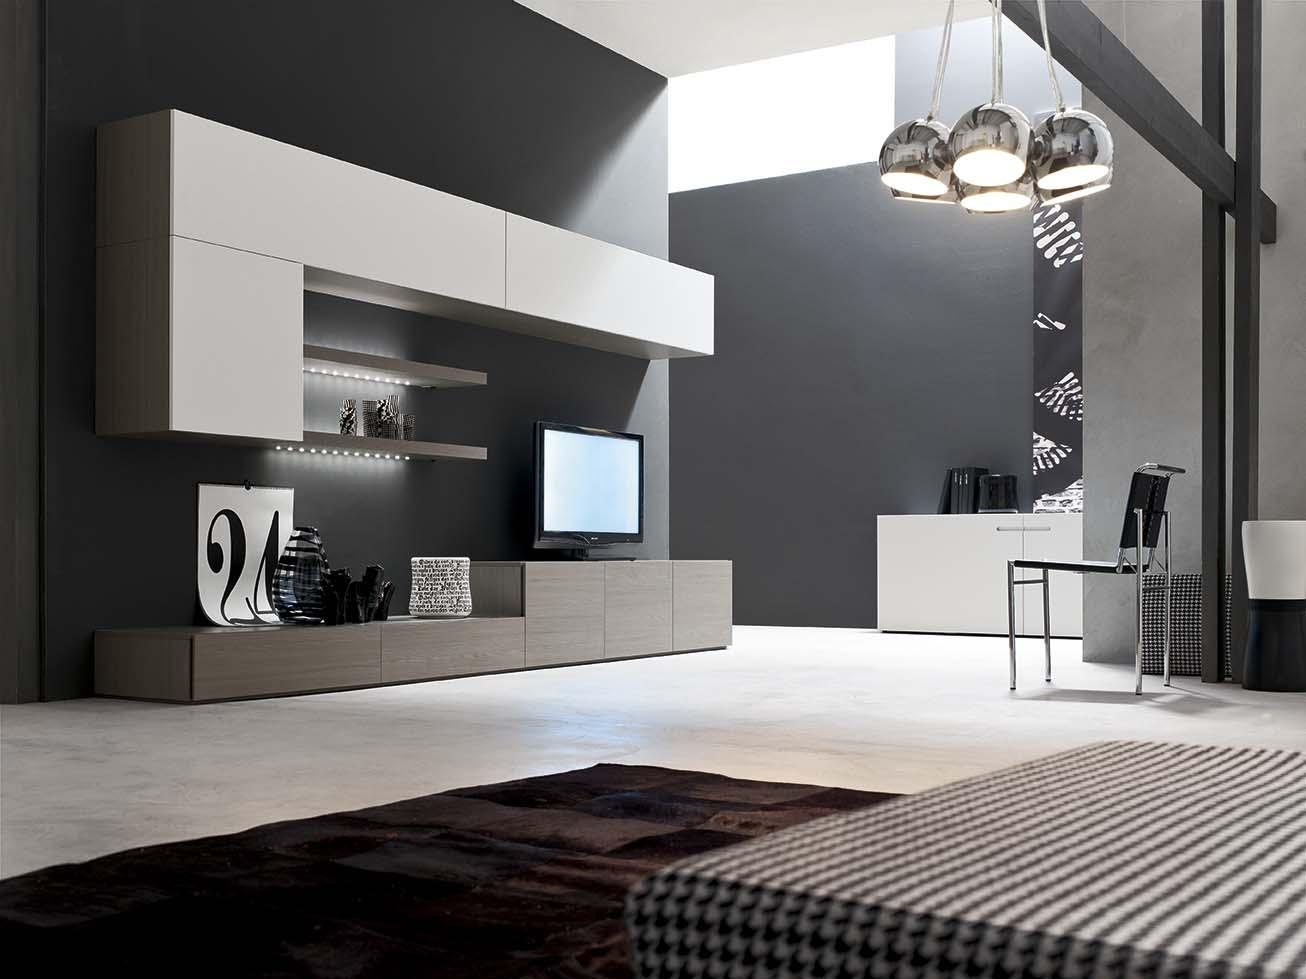 Arredamento per salotto tutto per il tuo soggiorno e zona for Design arredamento moderno